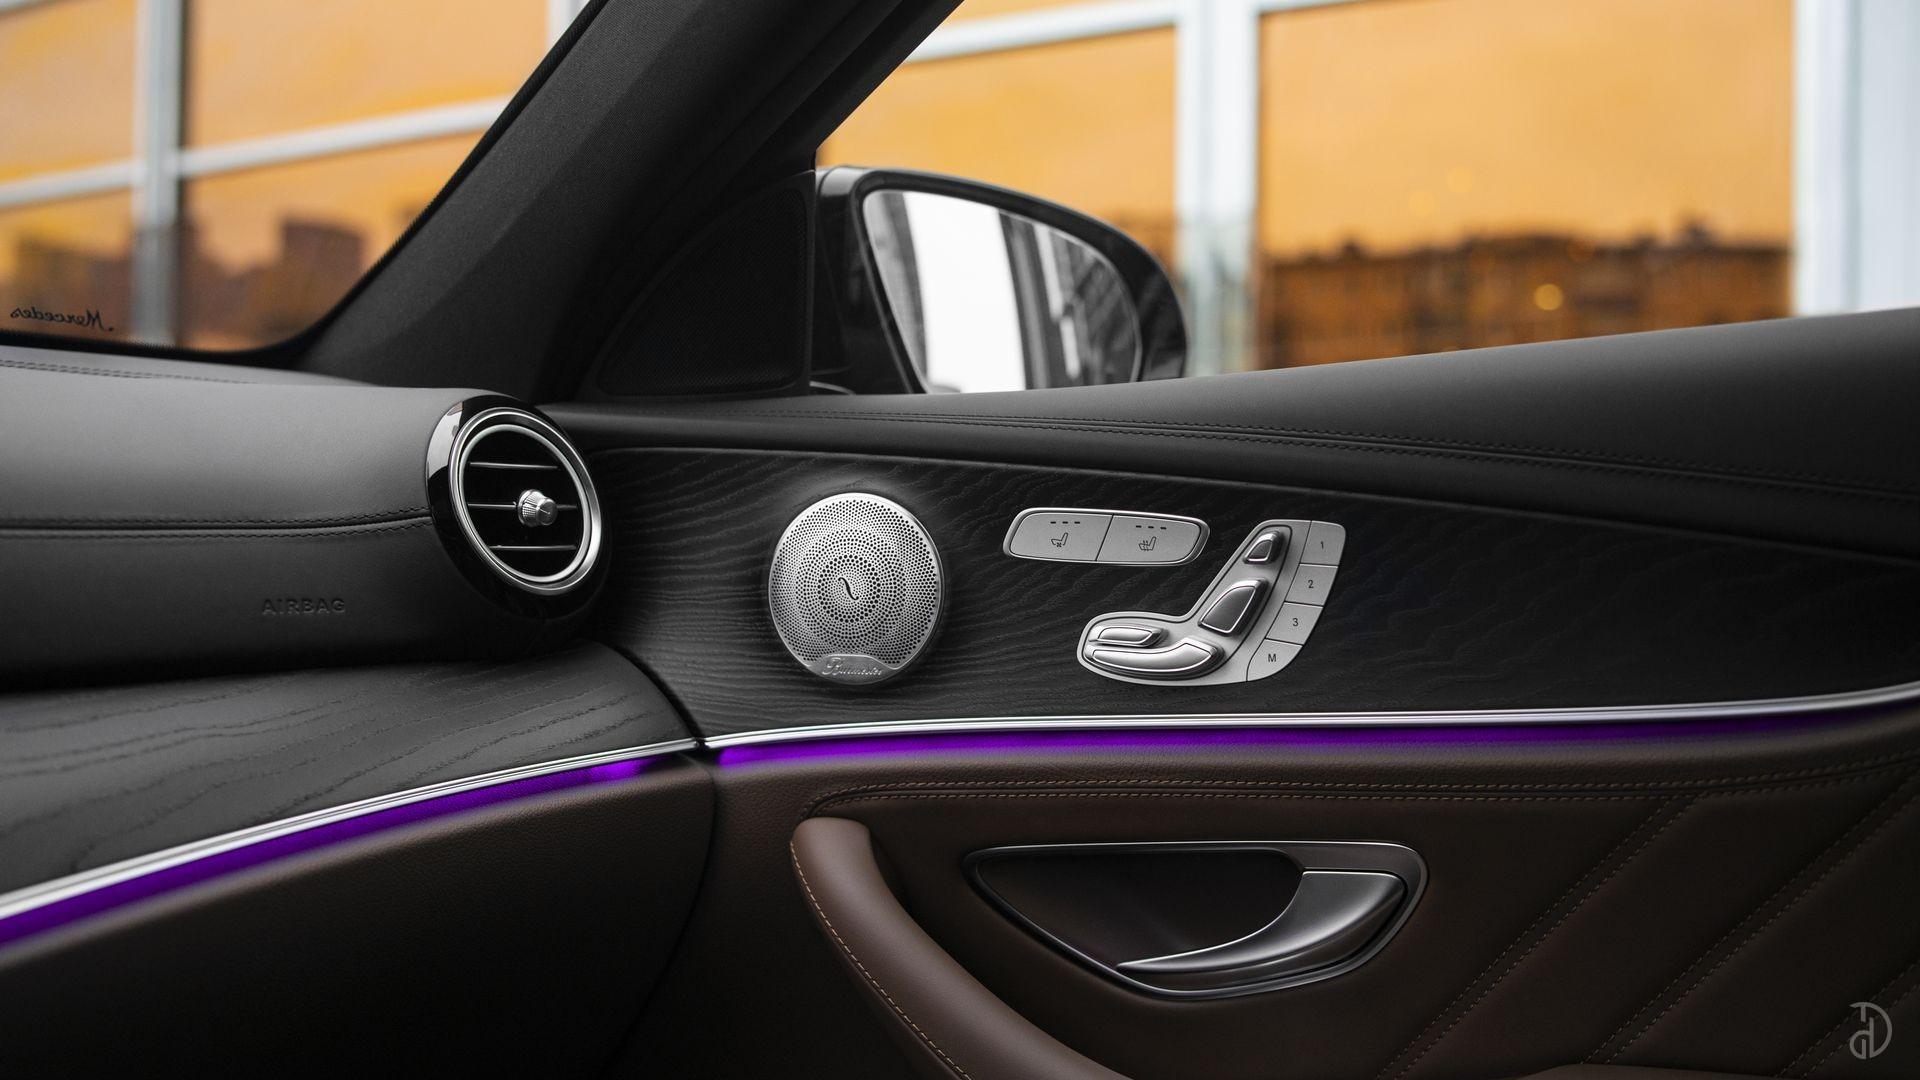 Аренда Mercedes Benz E 63 Amg S 2020 в Сочи. Фото 19